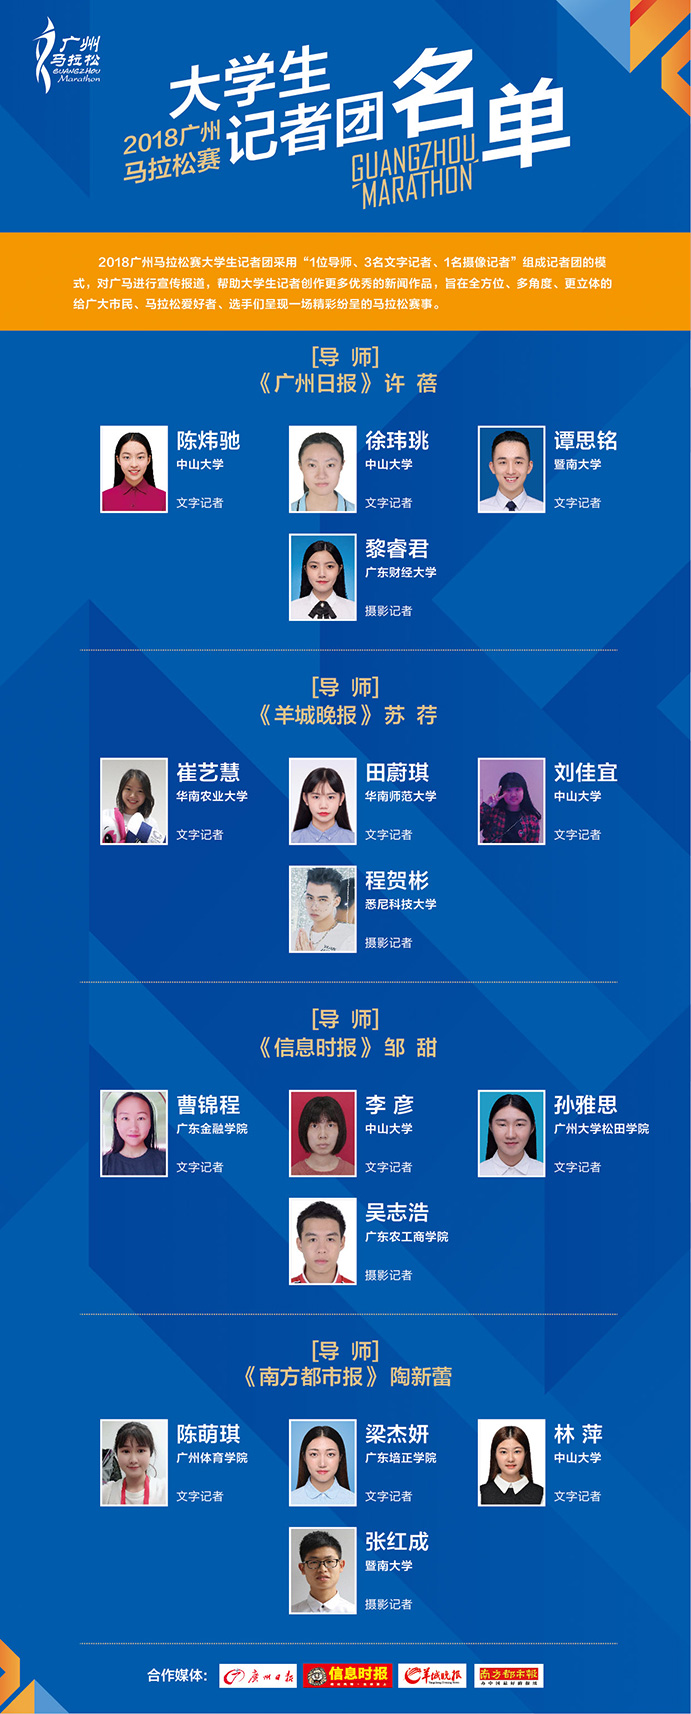 大学生记者团面试_2018广州马拉松赛大学生记者团名单公布-2019广州马拉松赛